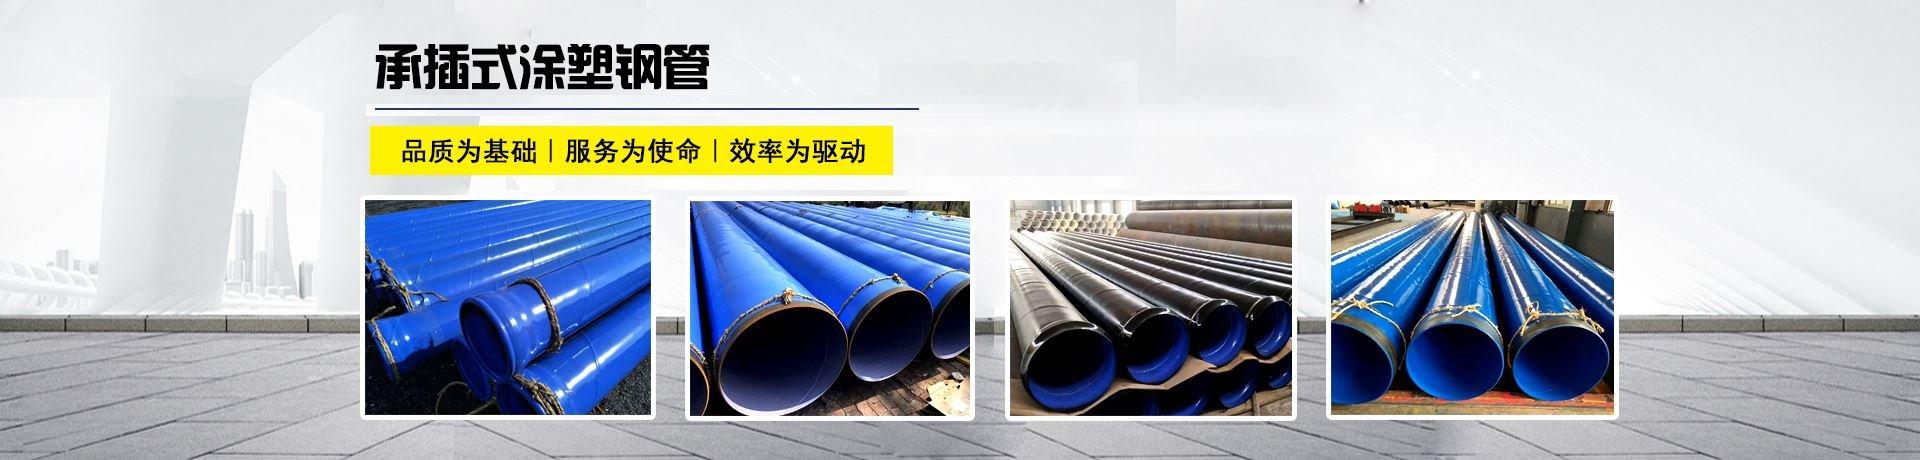 承插式涂塑钢管产品资讯